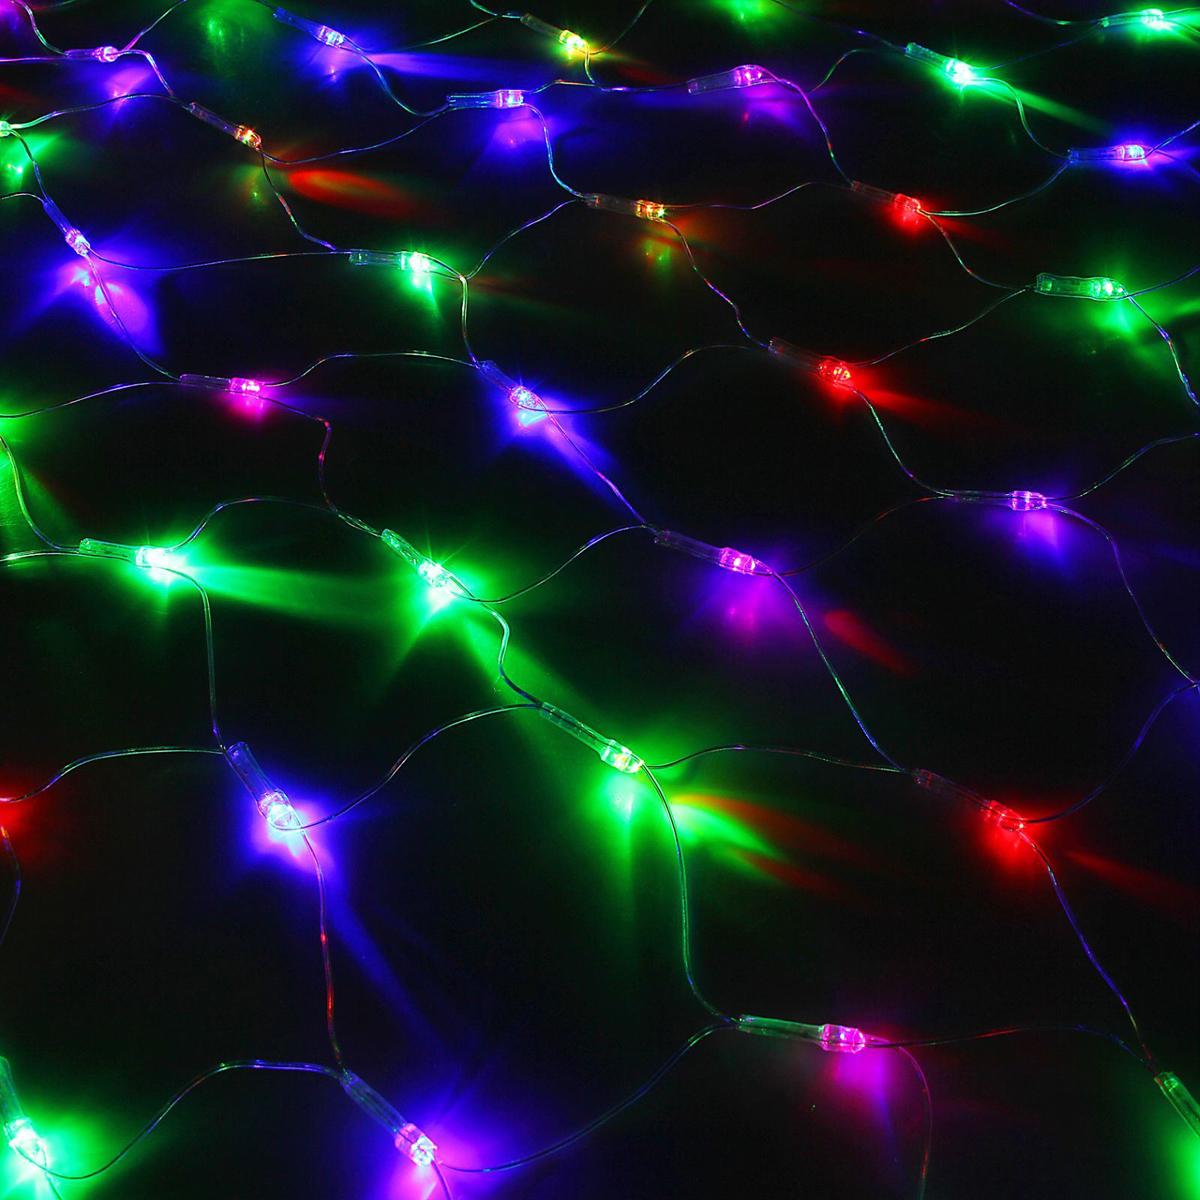 Гирлянда Luazon Сетка, длина 0,9 м, LED 120 ламп, 220V, цвет: мультиколор. 10804881080488Светодиодные гирлянды, ленты и т.д — это отличный вариант для новогоднего оформления интерьера или фасада. С их помощью помещение любого размера можно превратить в праздничный зал, а внешние элементы зданий, украшенные ими, мгновенно станут напоминать очертания сказочного дворца. Такие украшения создают ауру предвкушения чуда. Деревья, фасады, витрины, окна и арки будто специально созданы, чтобы вы украсили их светящимися нитями.